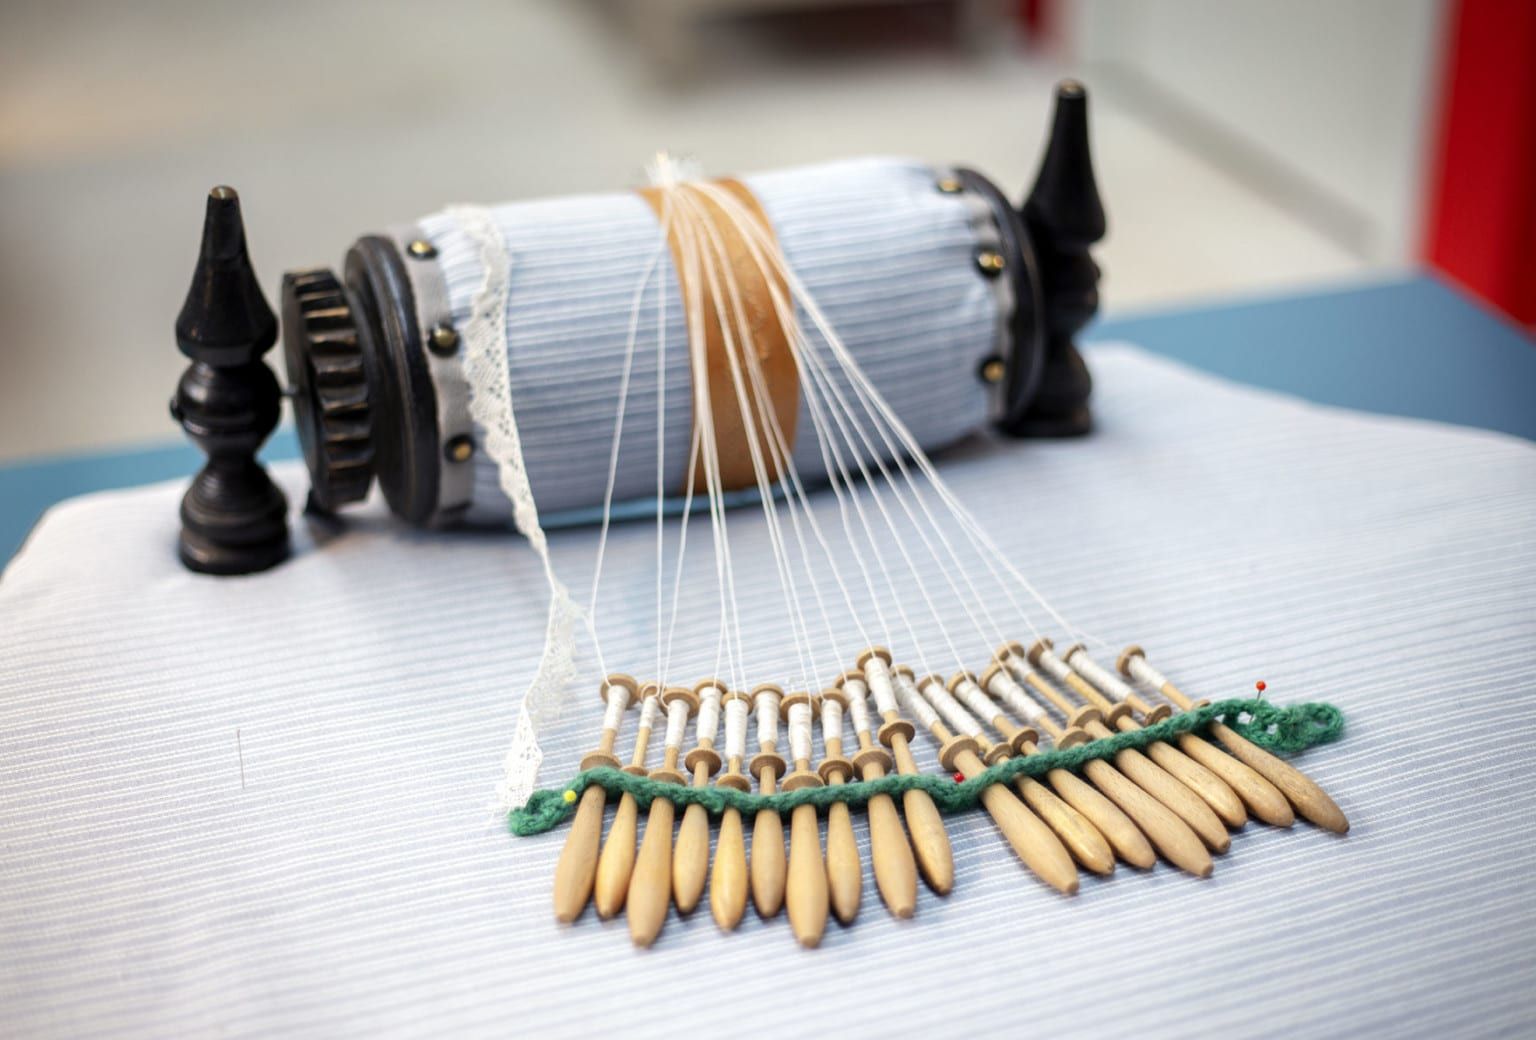 Workshop for børn kniplinger på Tekstilmuseet i Herning